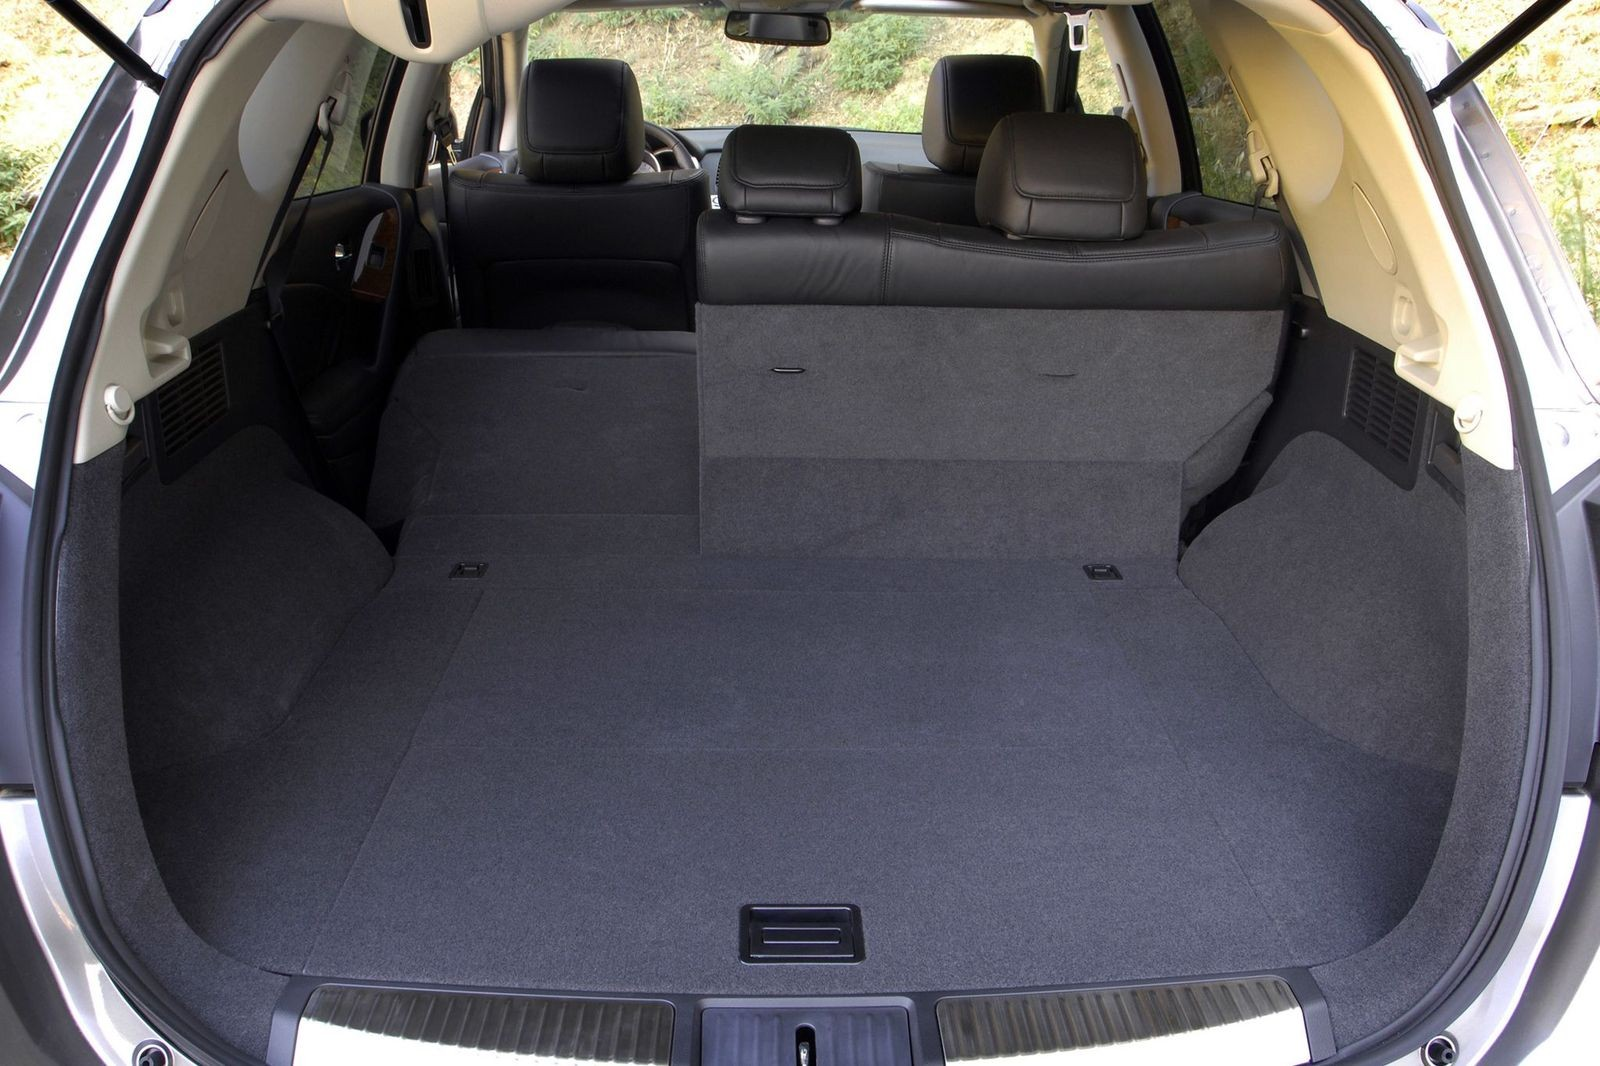 Почини вариатор и живи спокойно: стоит ли покупать Nissan Murano II за 1,5 миллиона рублей